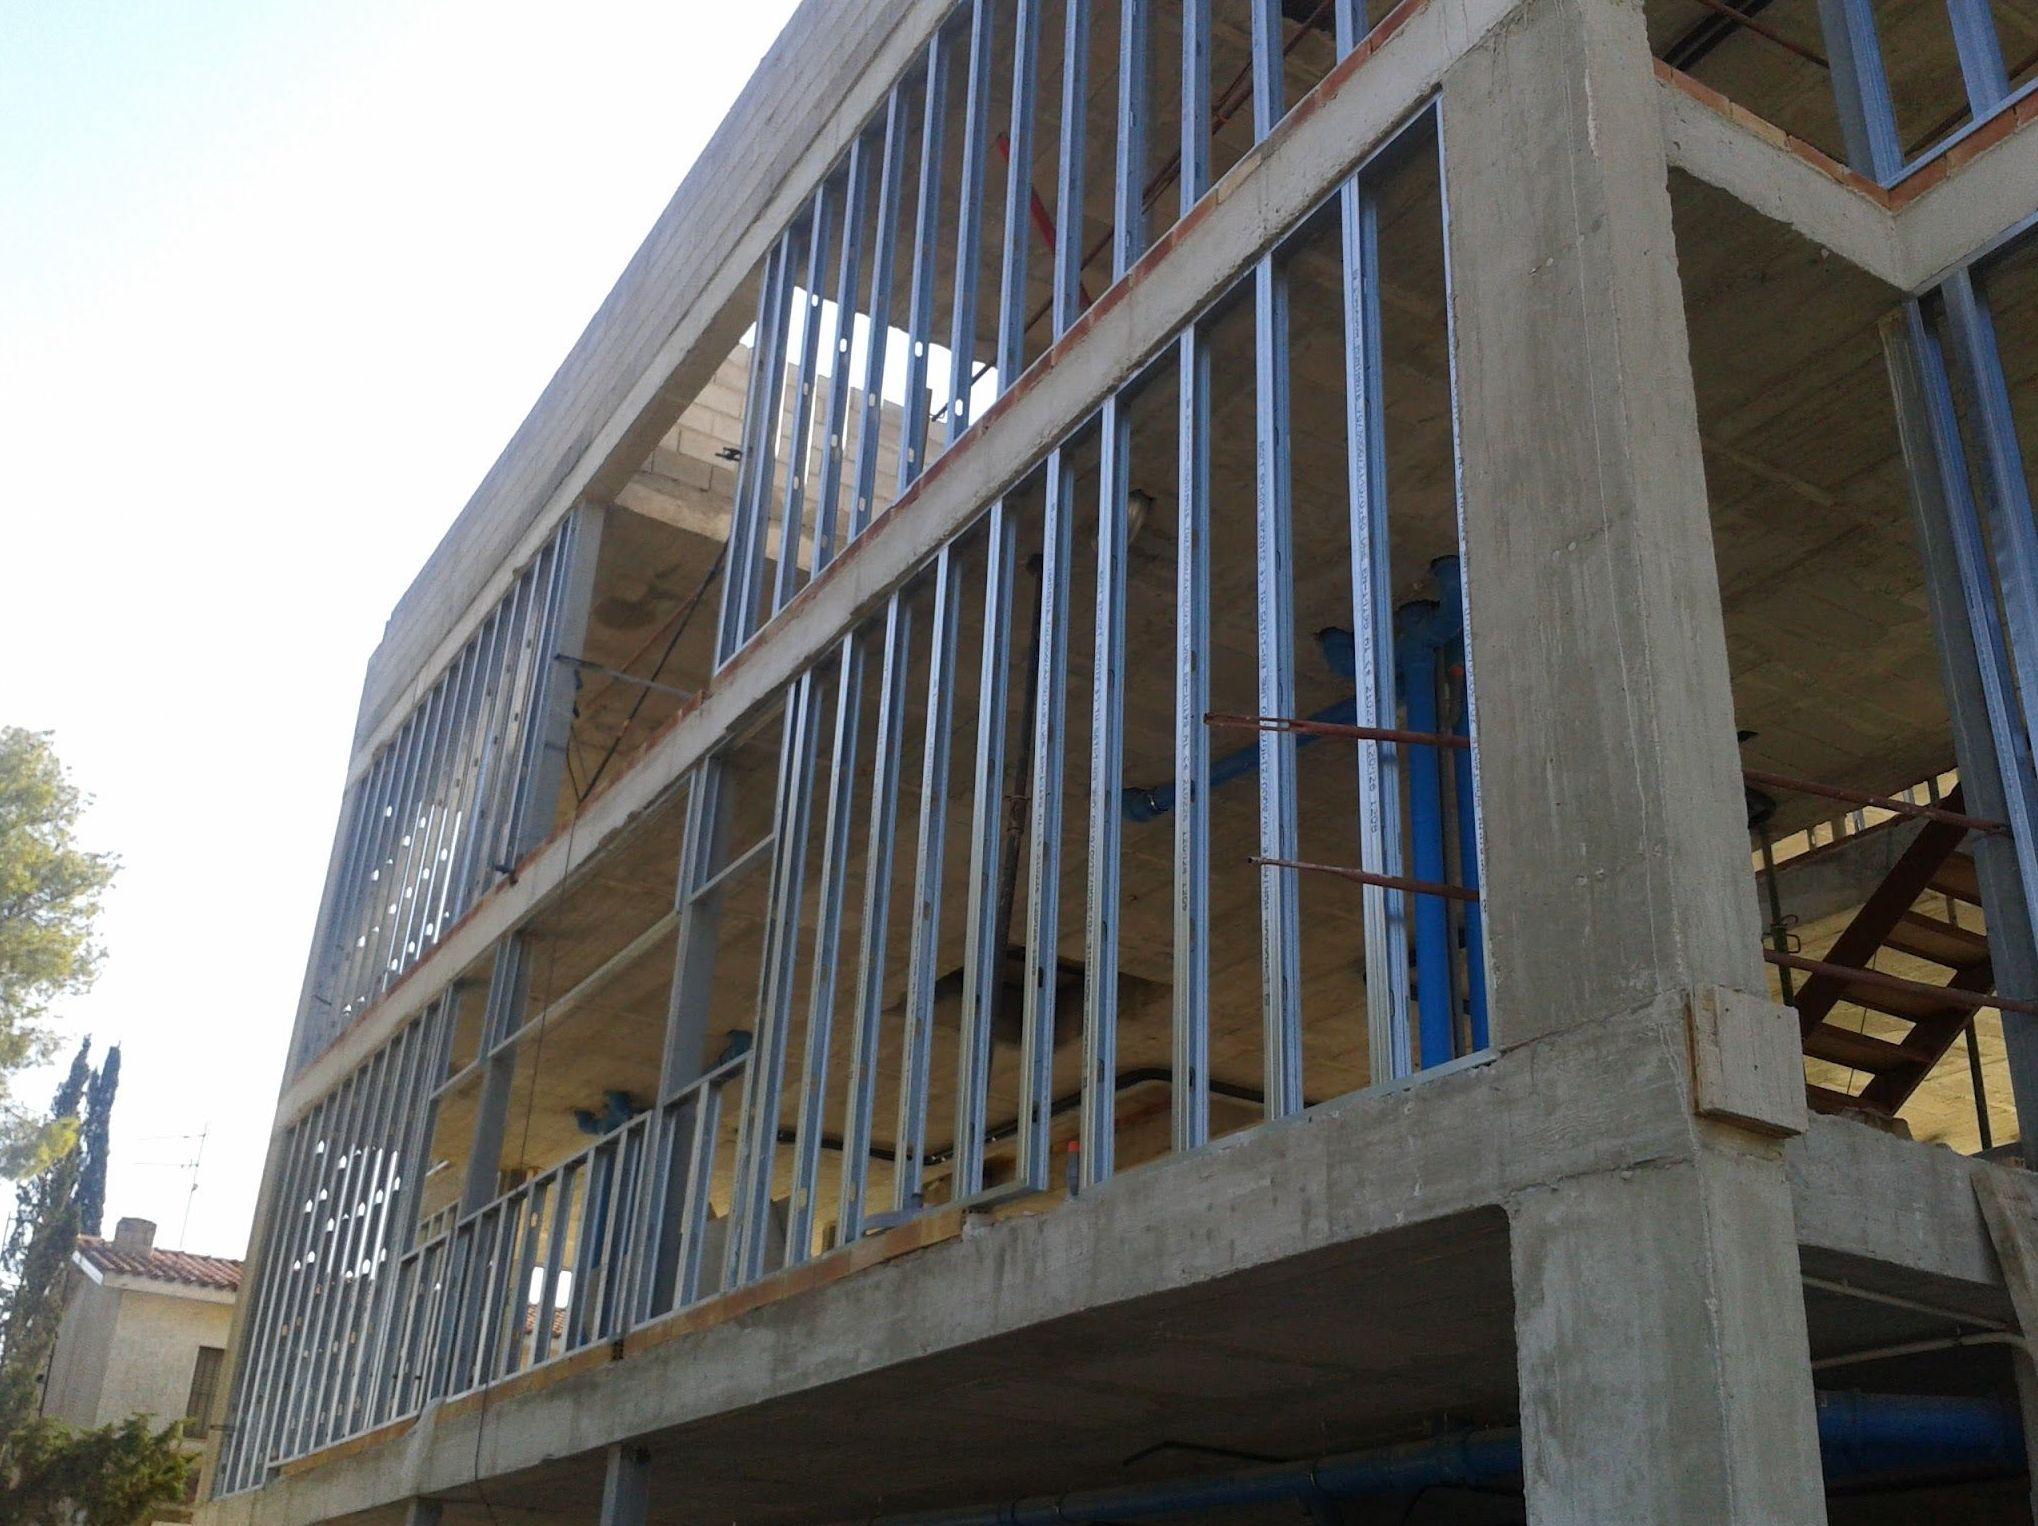 Cerramientos exteriores de obra seca. Fase 1 - Estructura autoportante